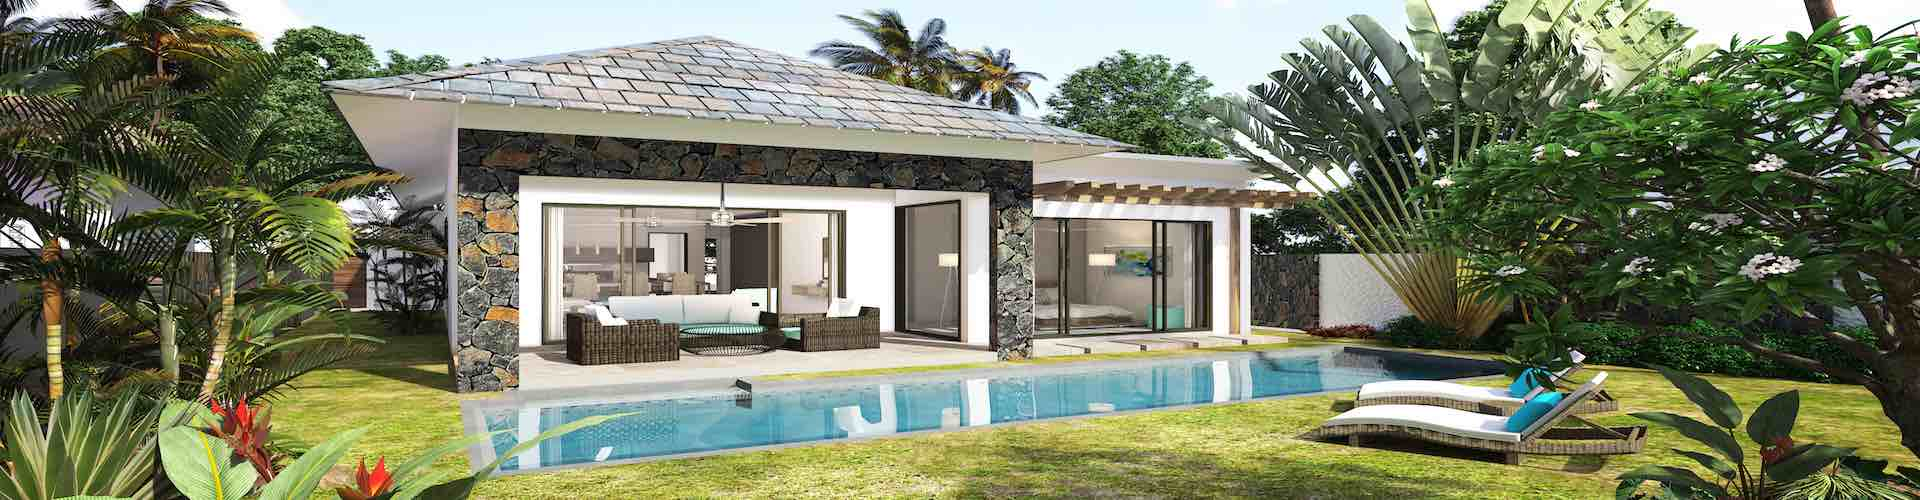 achat et vente immobilier ile Maurice villa tropica baie avec piscine habitation et investissement grand baie pereybère Nord proche plage, bord de mer